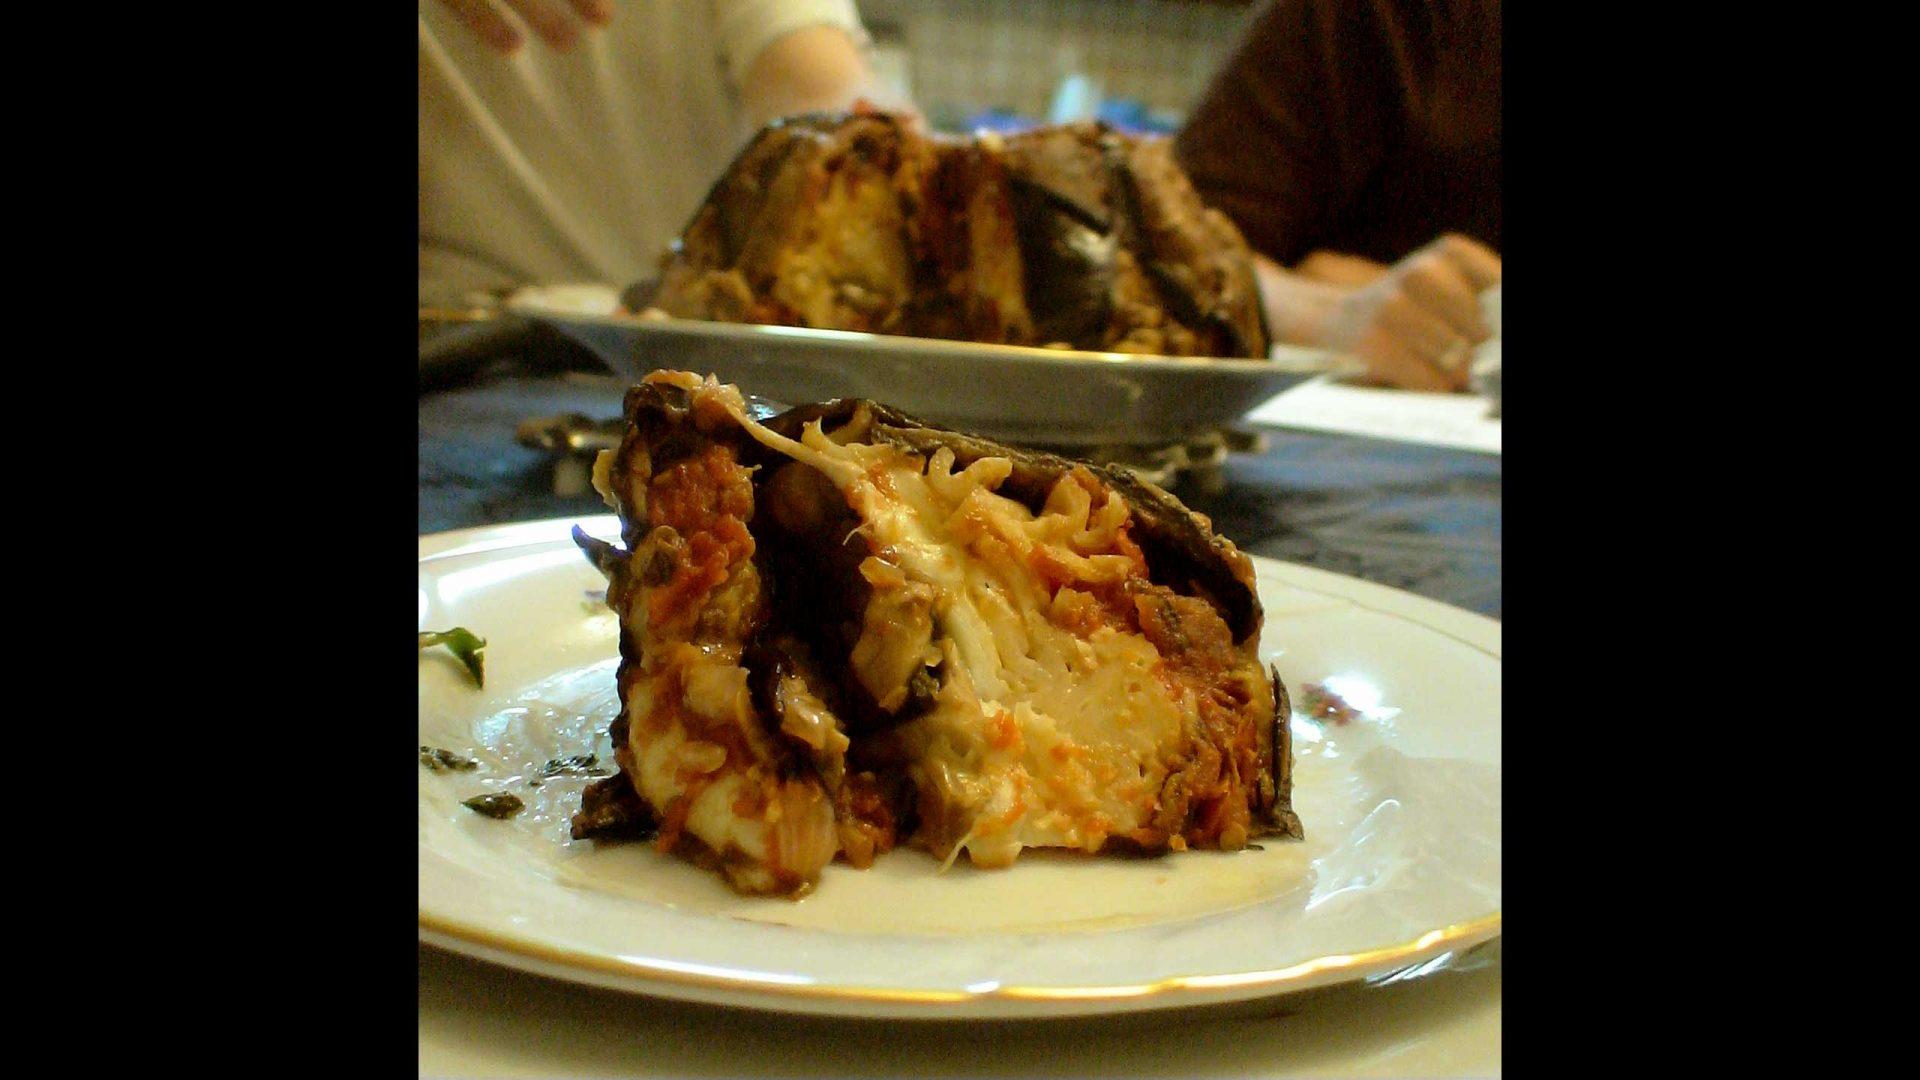 דיאבולו מאפה ממולא בחצילים גבינות ופסטה